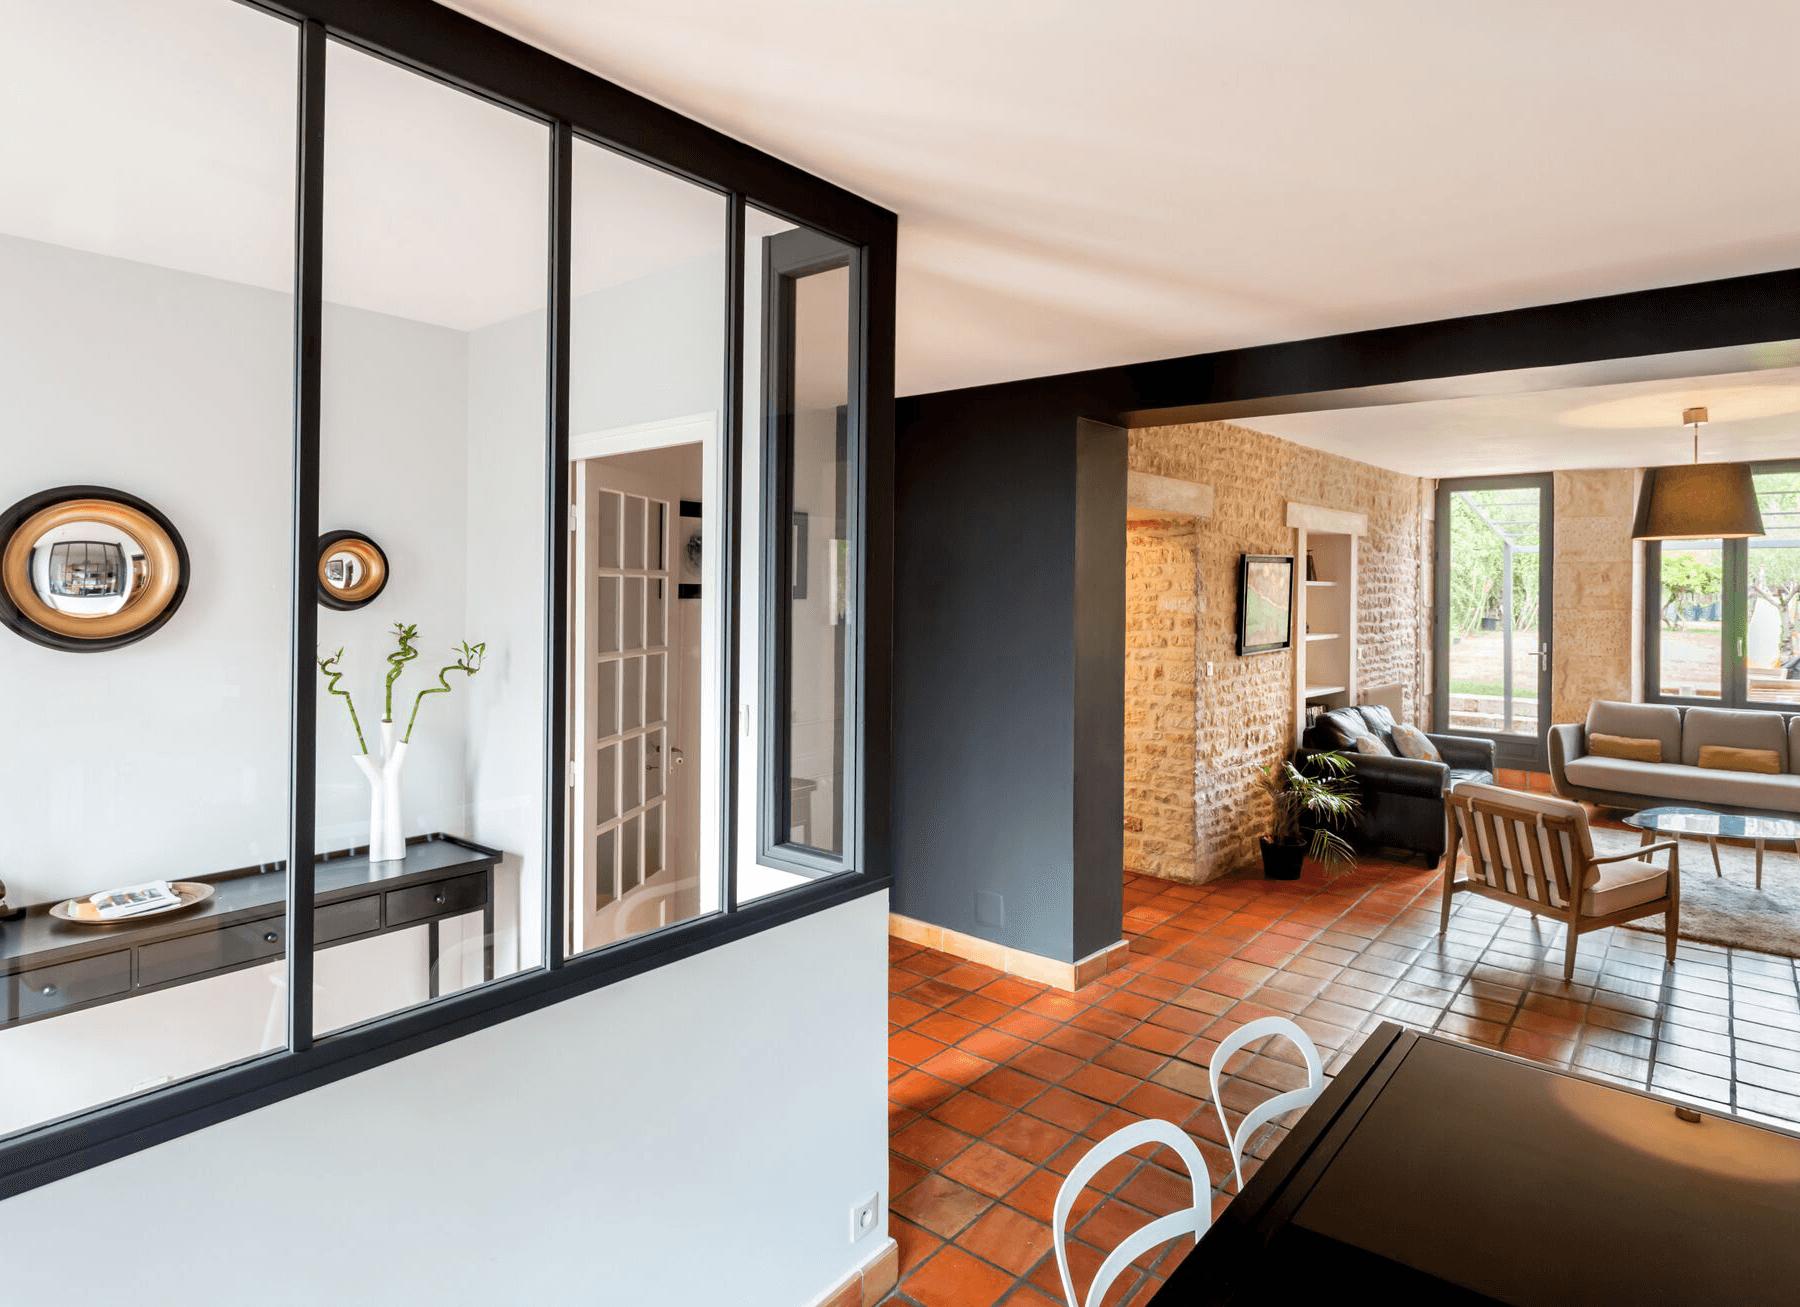 devis travaux maison avant achat avie home. Black Bedroom Furniture Sets. Home Design Ideas